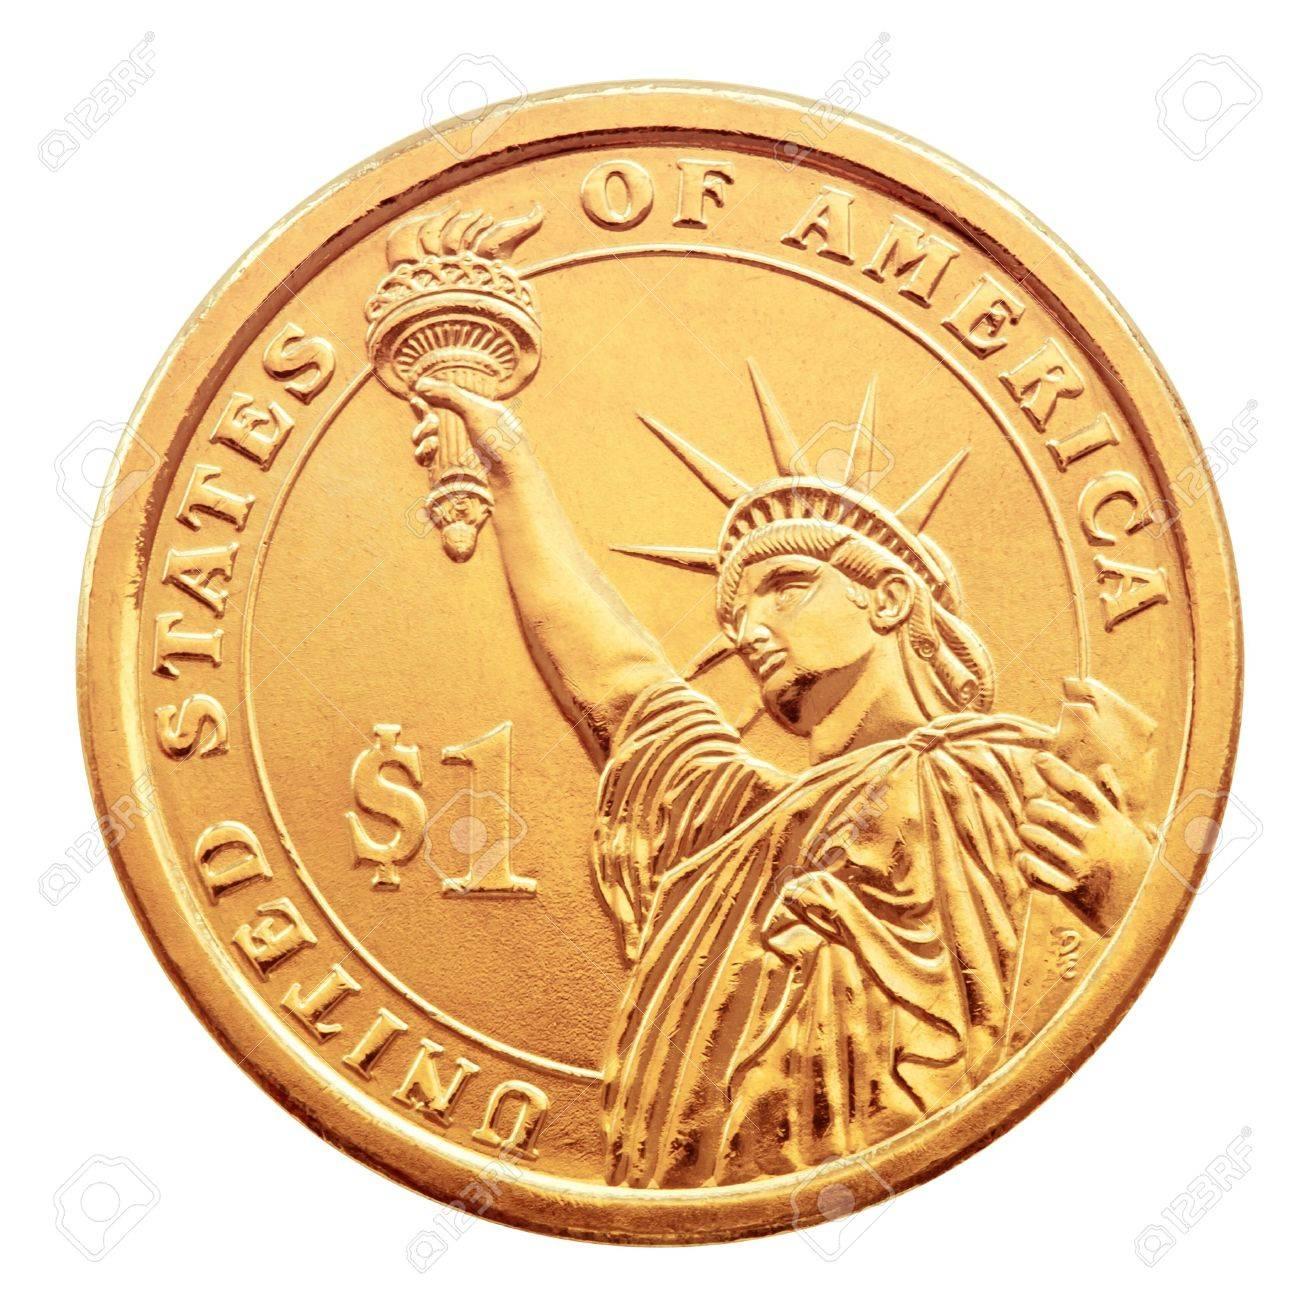 Golden One Dollar Münze Auf Dem Weißen Hintergrund Lizenzfreie